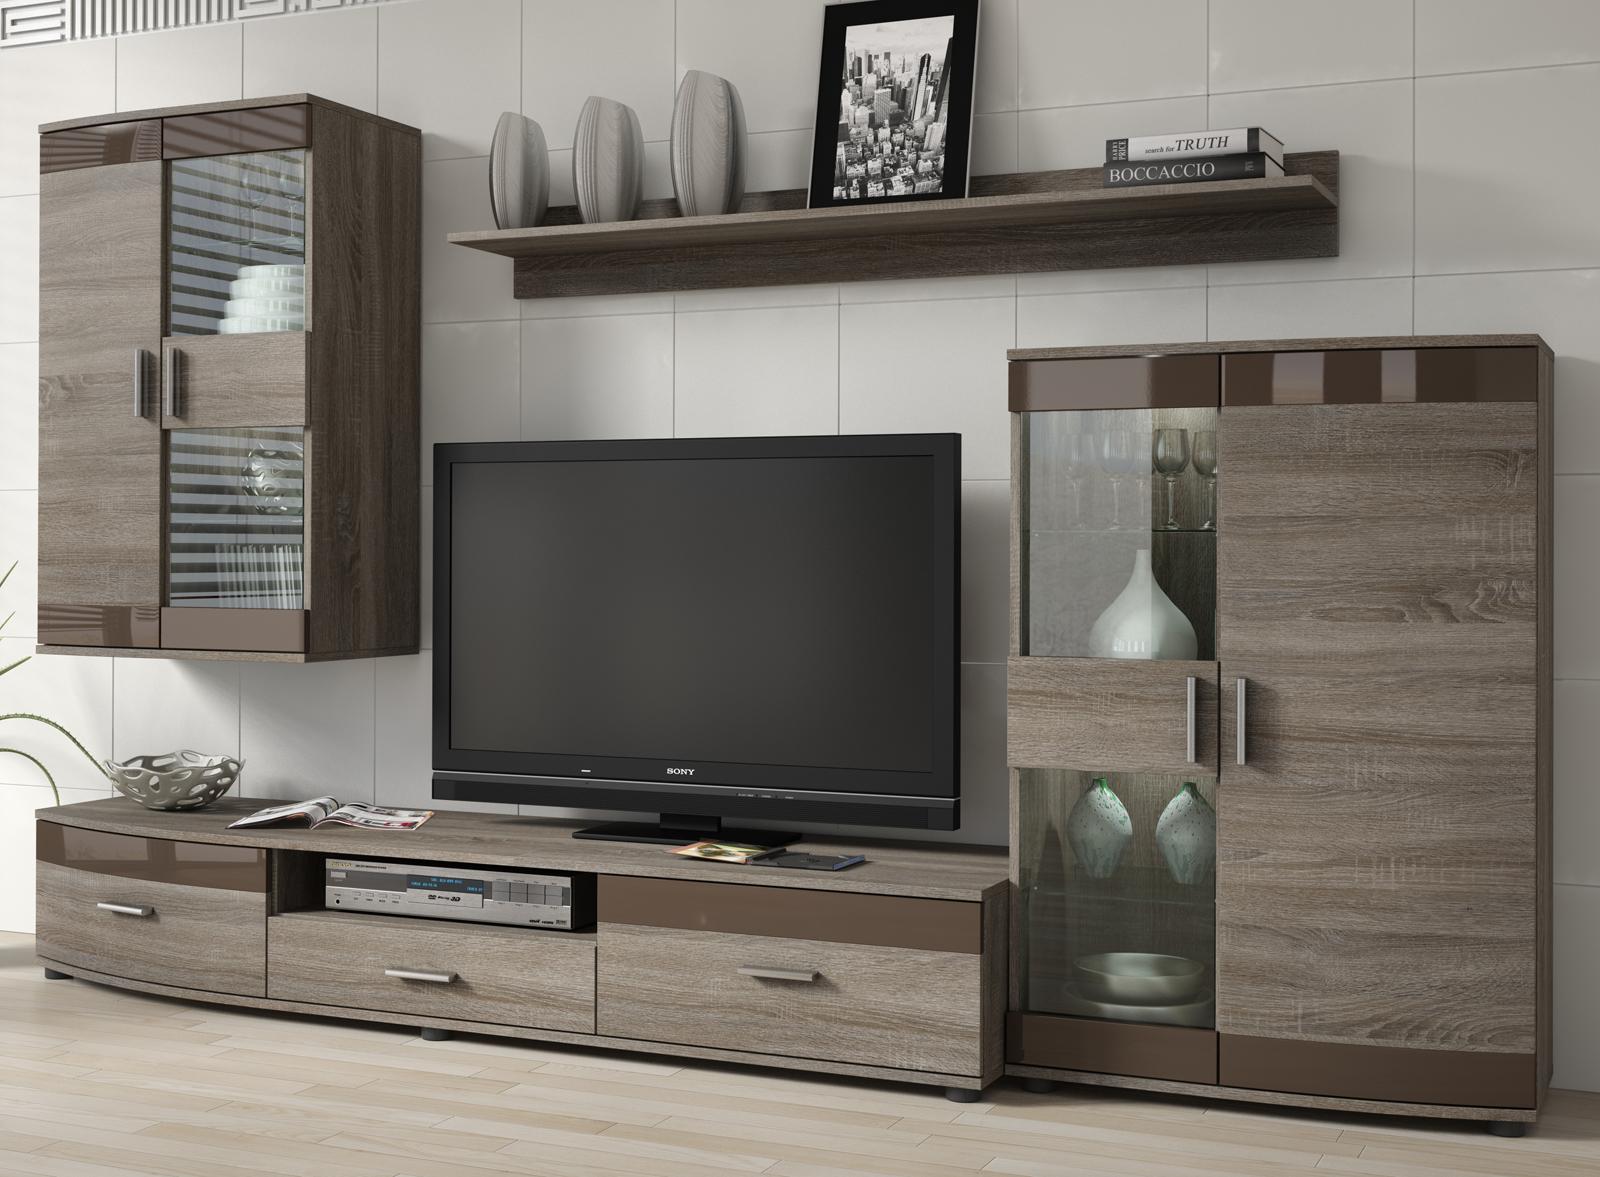 Obývací stěna - Famm - Siena P6SCSI (sonoma trufflova + hnědá) (s osvětlením)